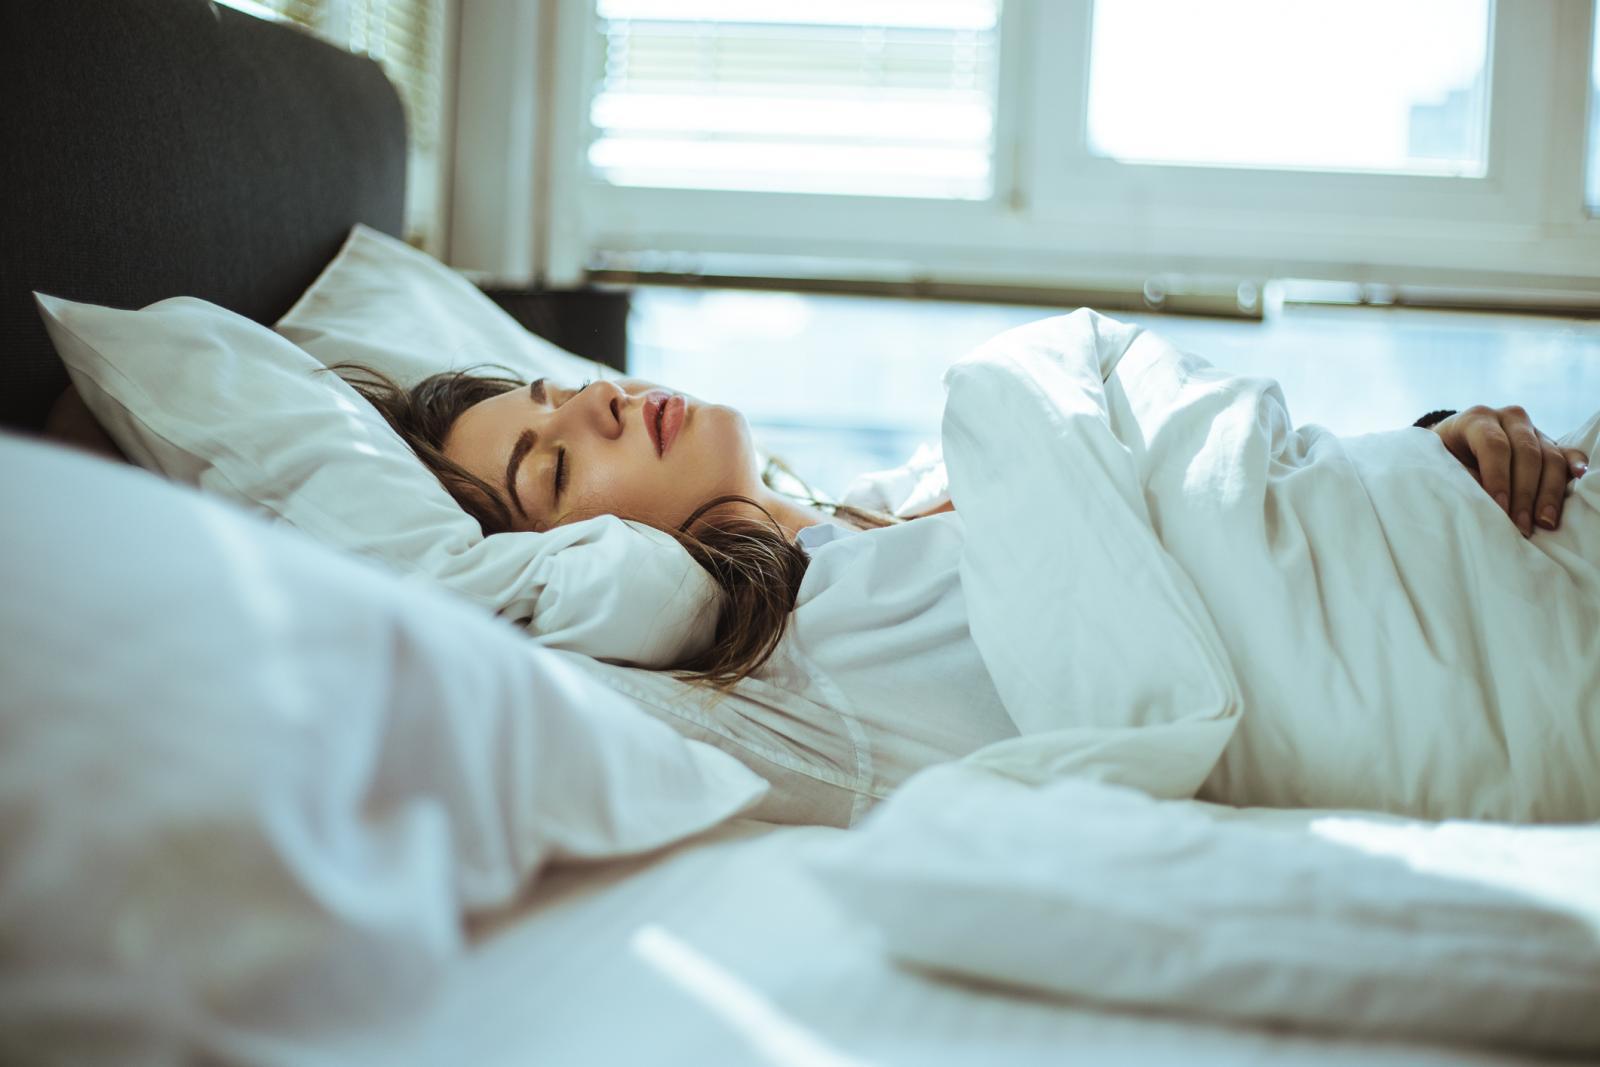 Znanstvenici previše spavanja povezuju s depresijom, upalama, većim rizikom od pretilosti, dijabetesa, srčanog i moždanog udara.